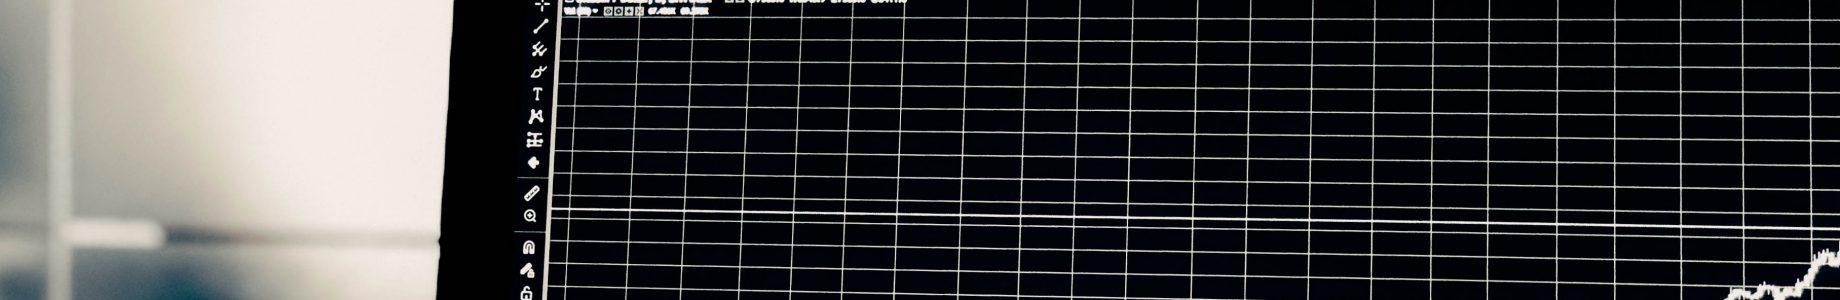 Luces y sombras tras el cierre de Cambridge Analytica